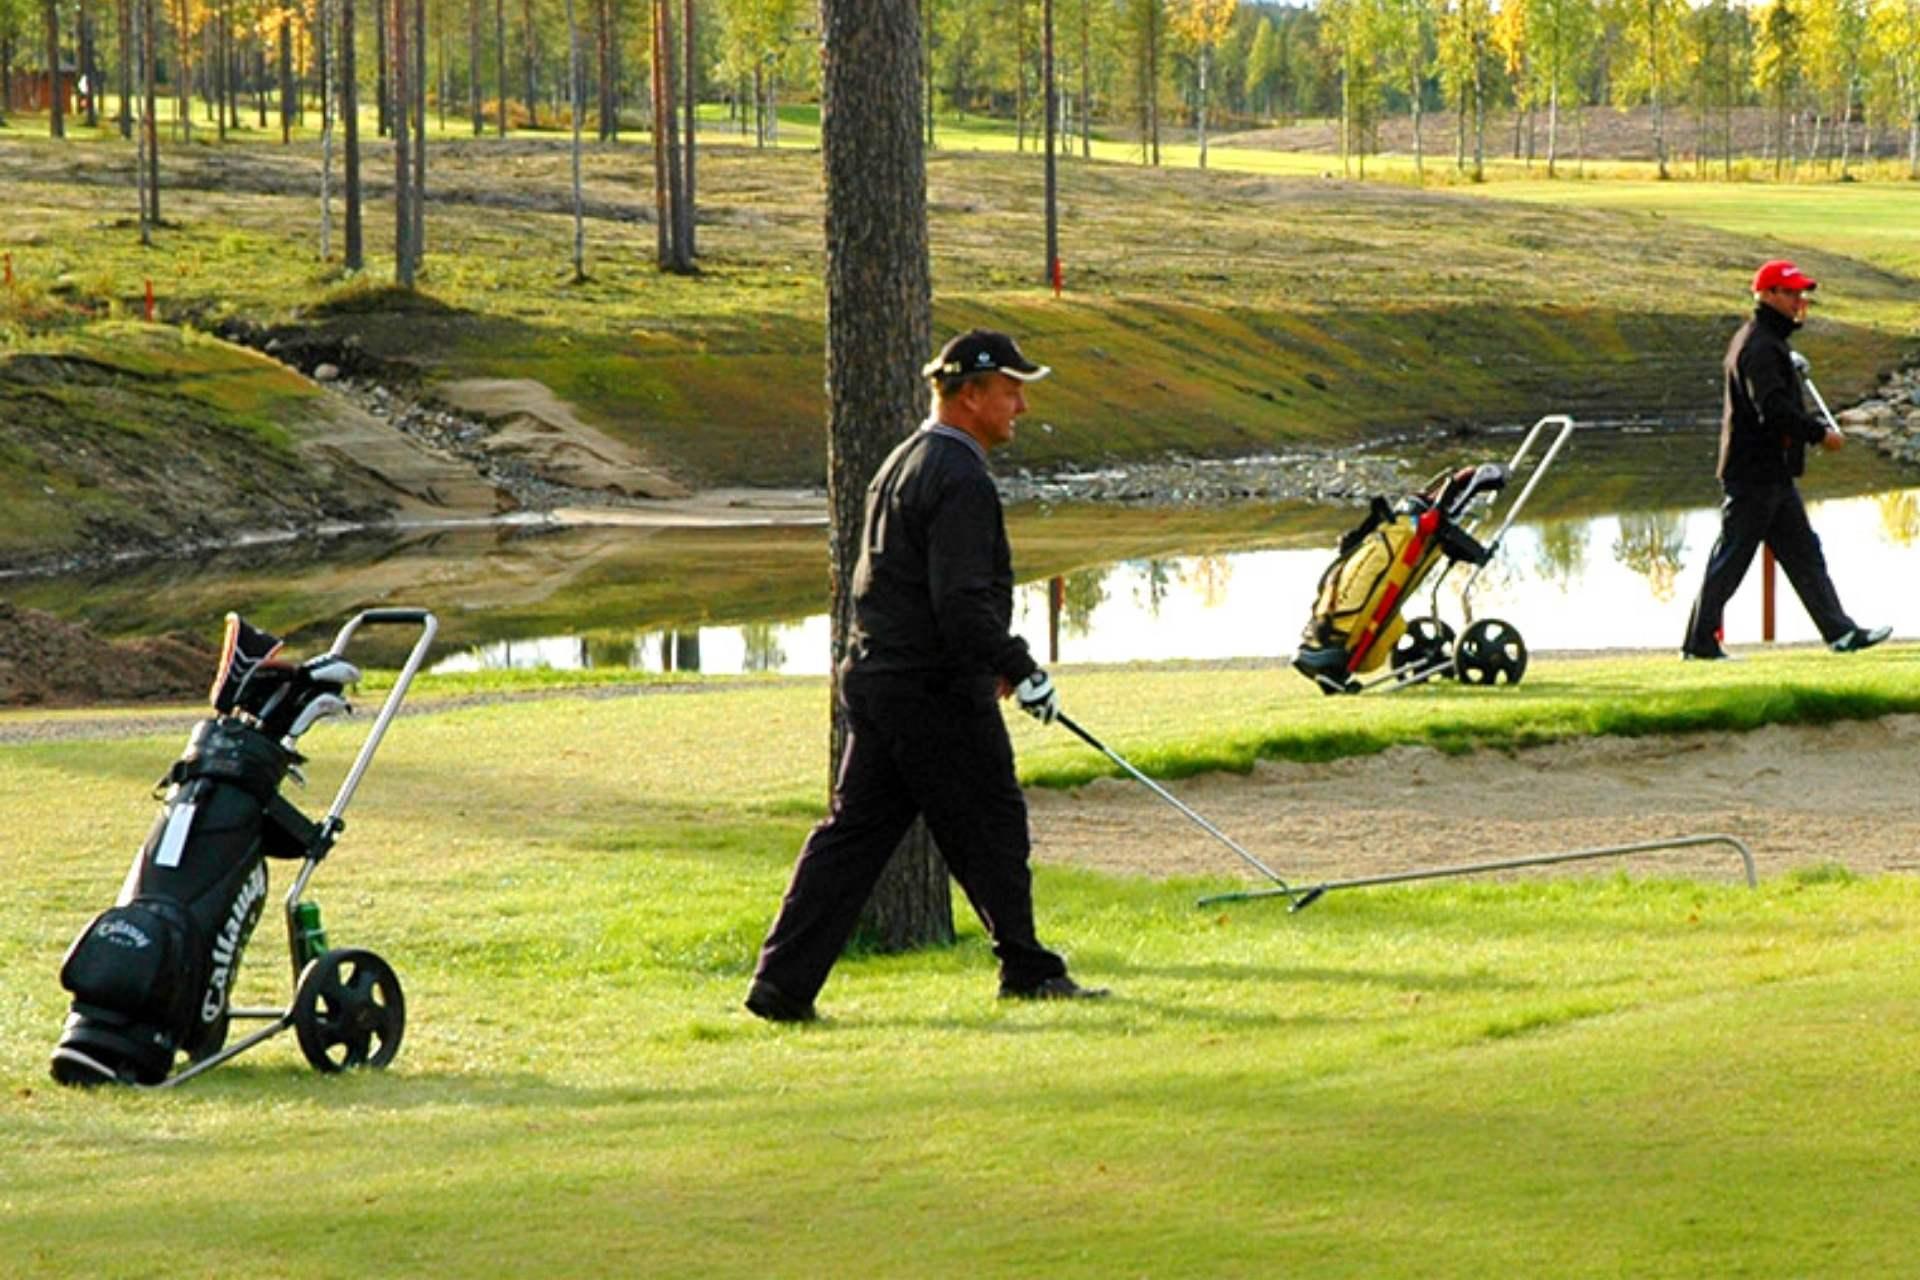 Golfaajia kesäisellä golfkentällä, Espoon Hotel Matts tarjoaa majoitusta golfkenttien läheisyydessä.